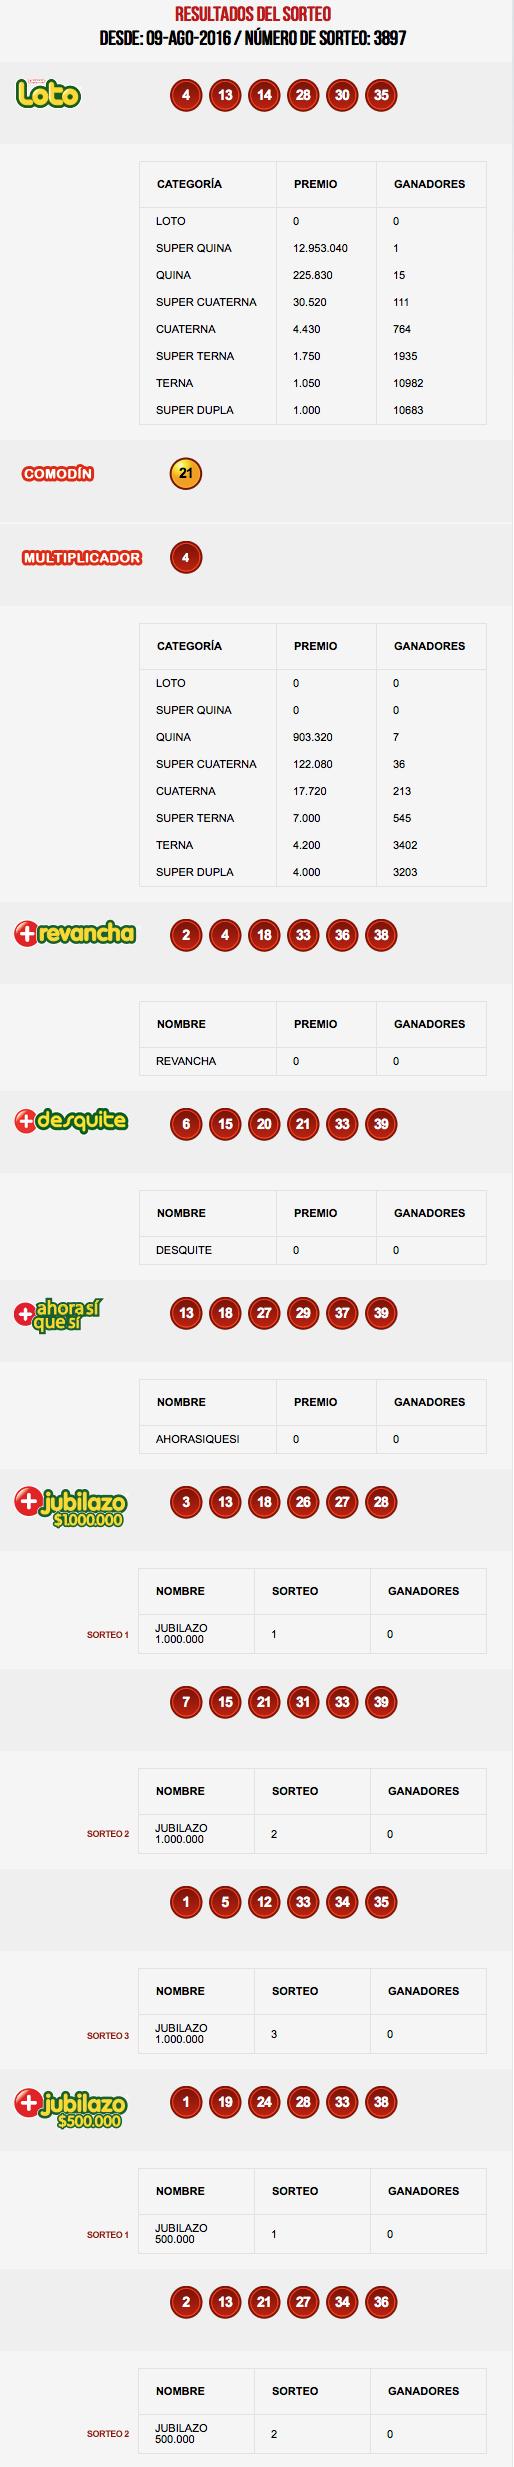 resultados-loto-chile-sorteo-3897